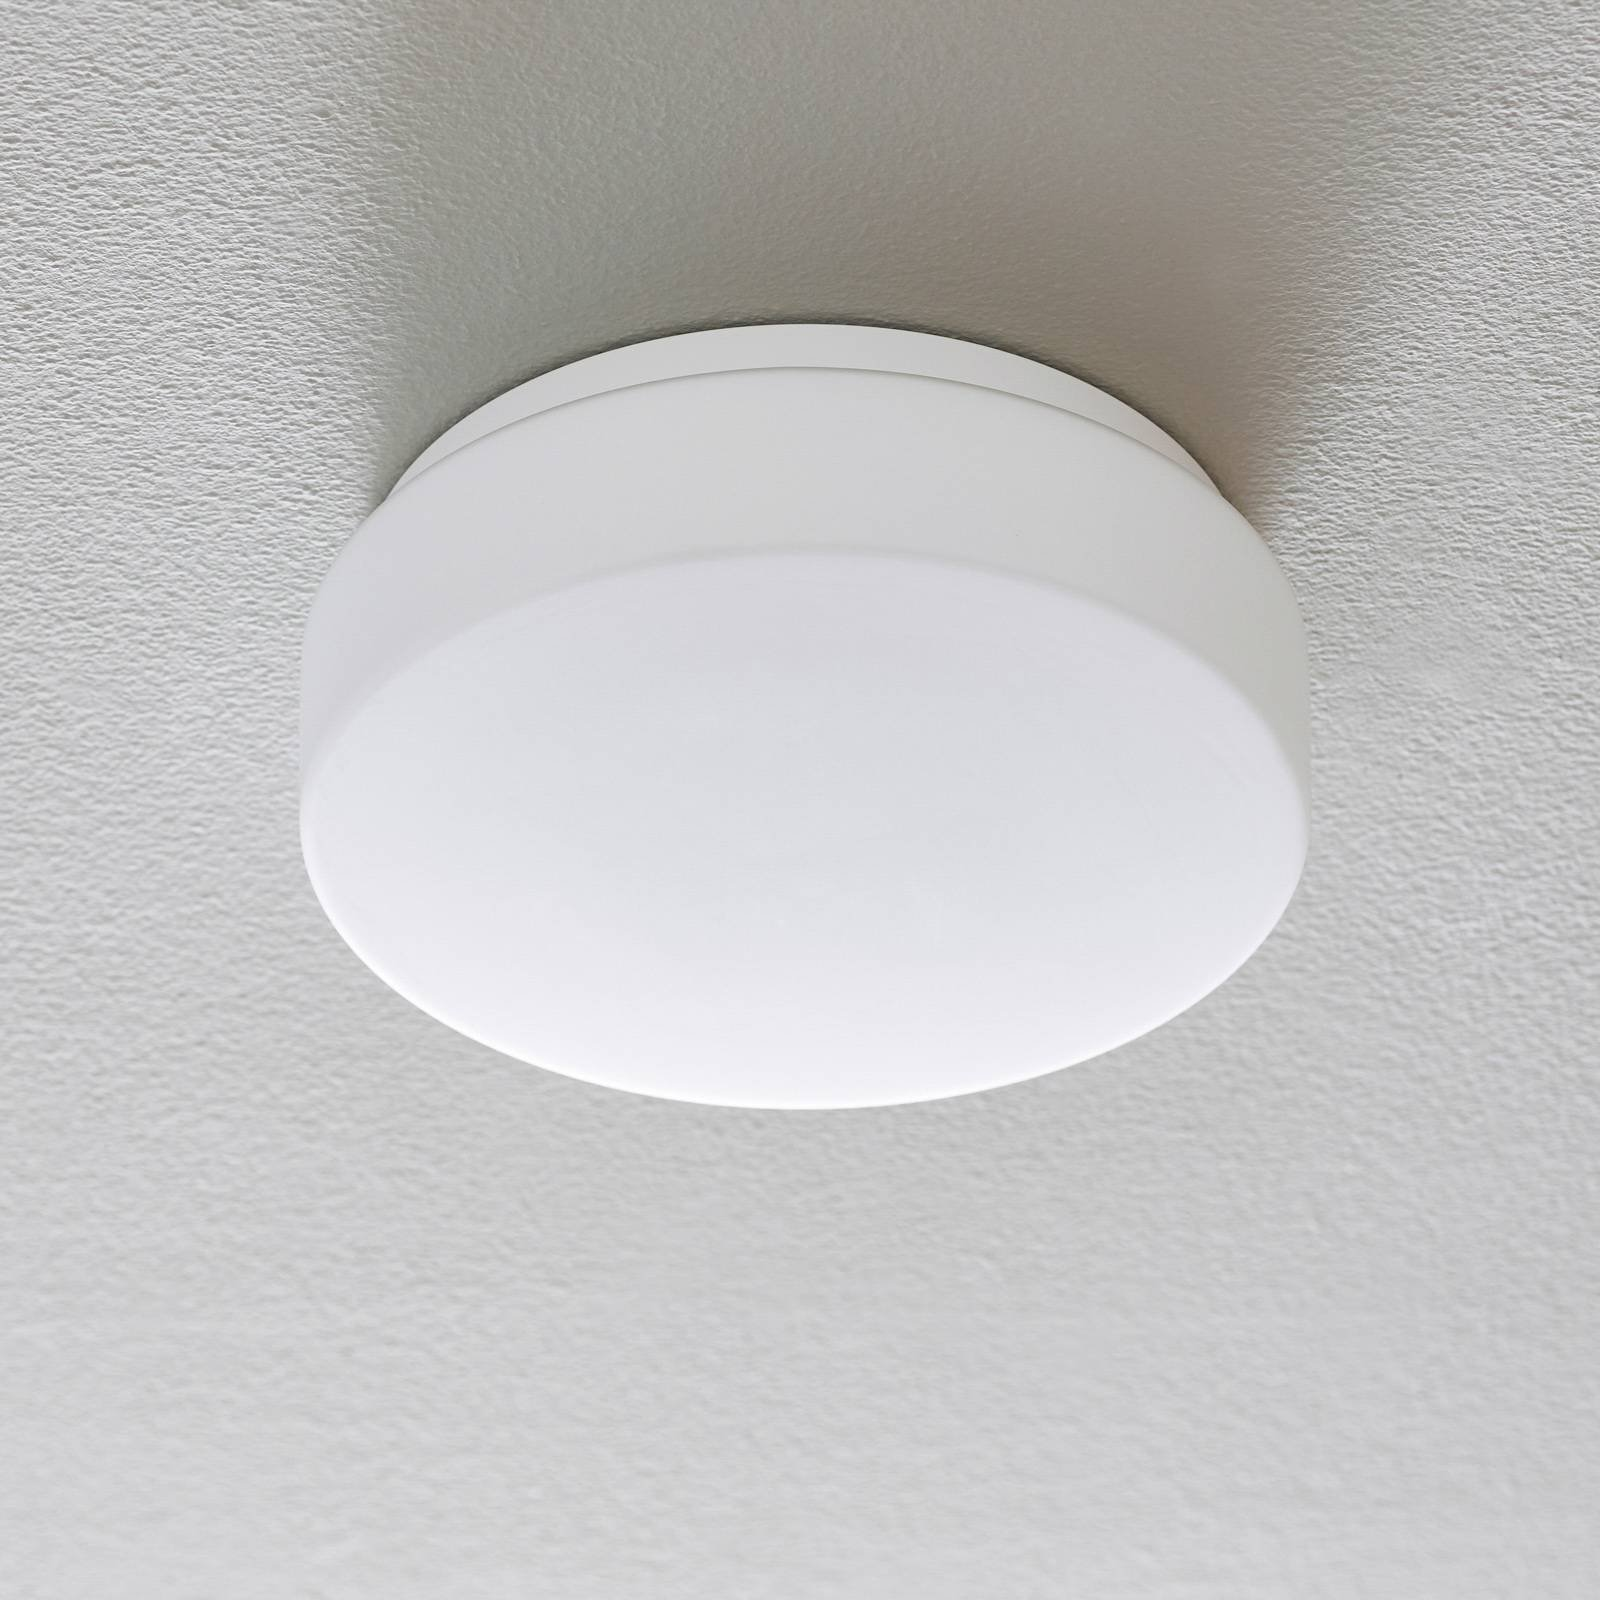 BEGA 50078 LED-taklampe DALI 4 000 K Ø25cm